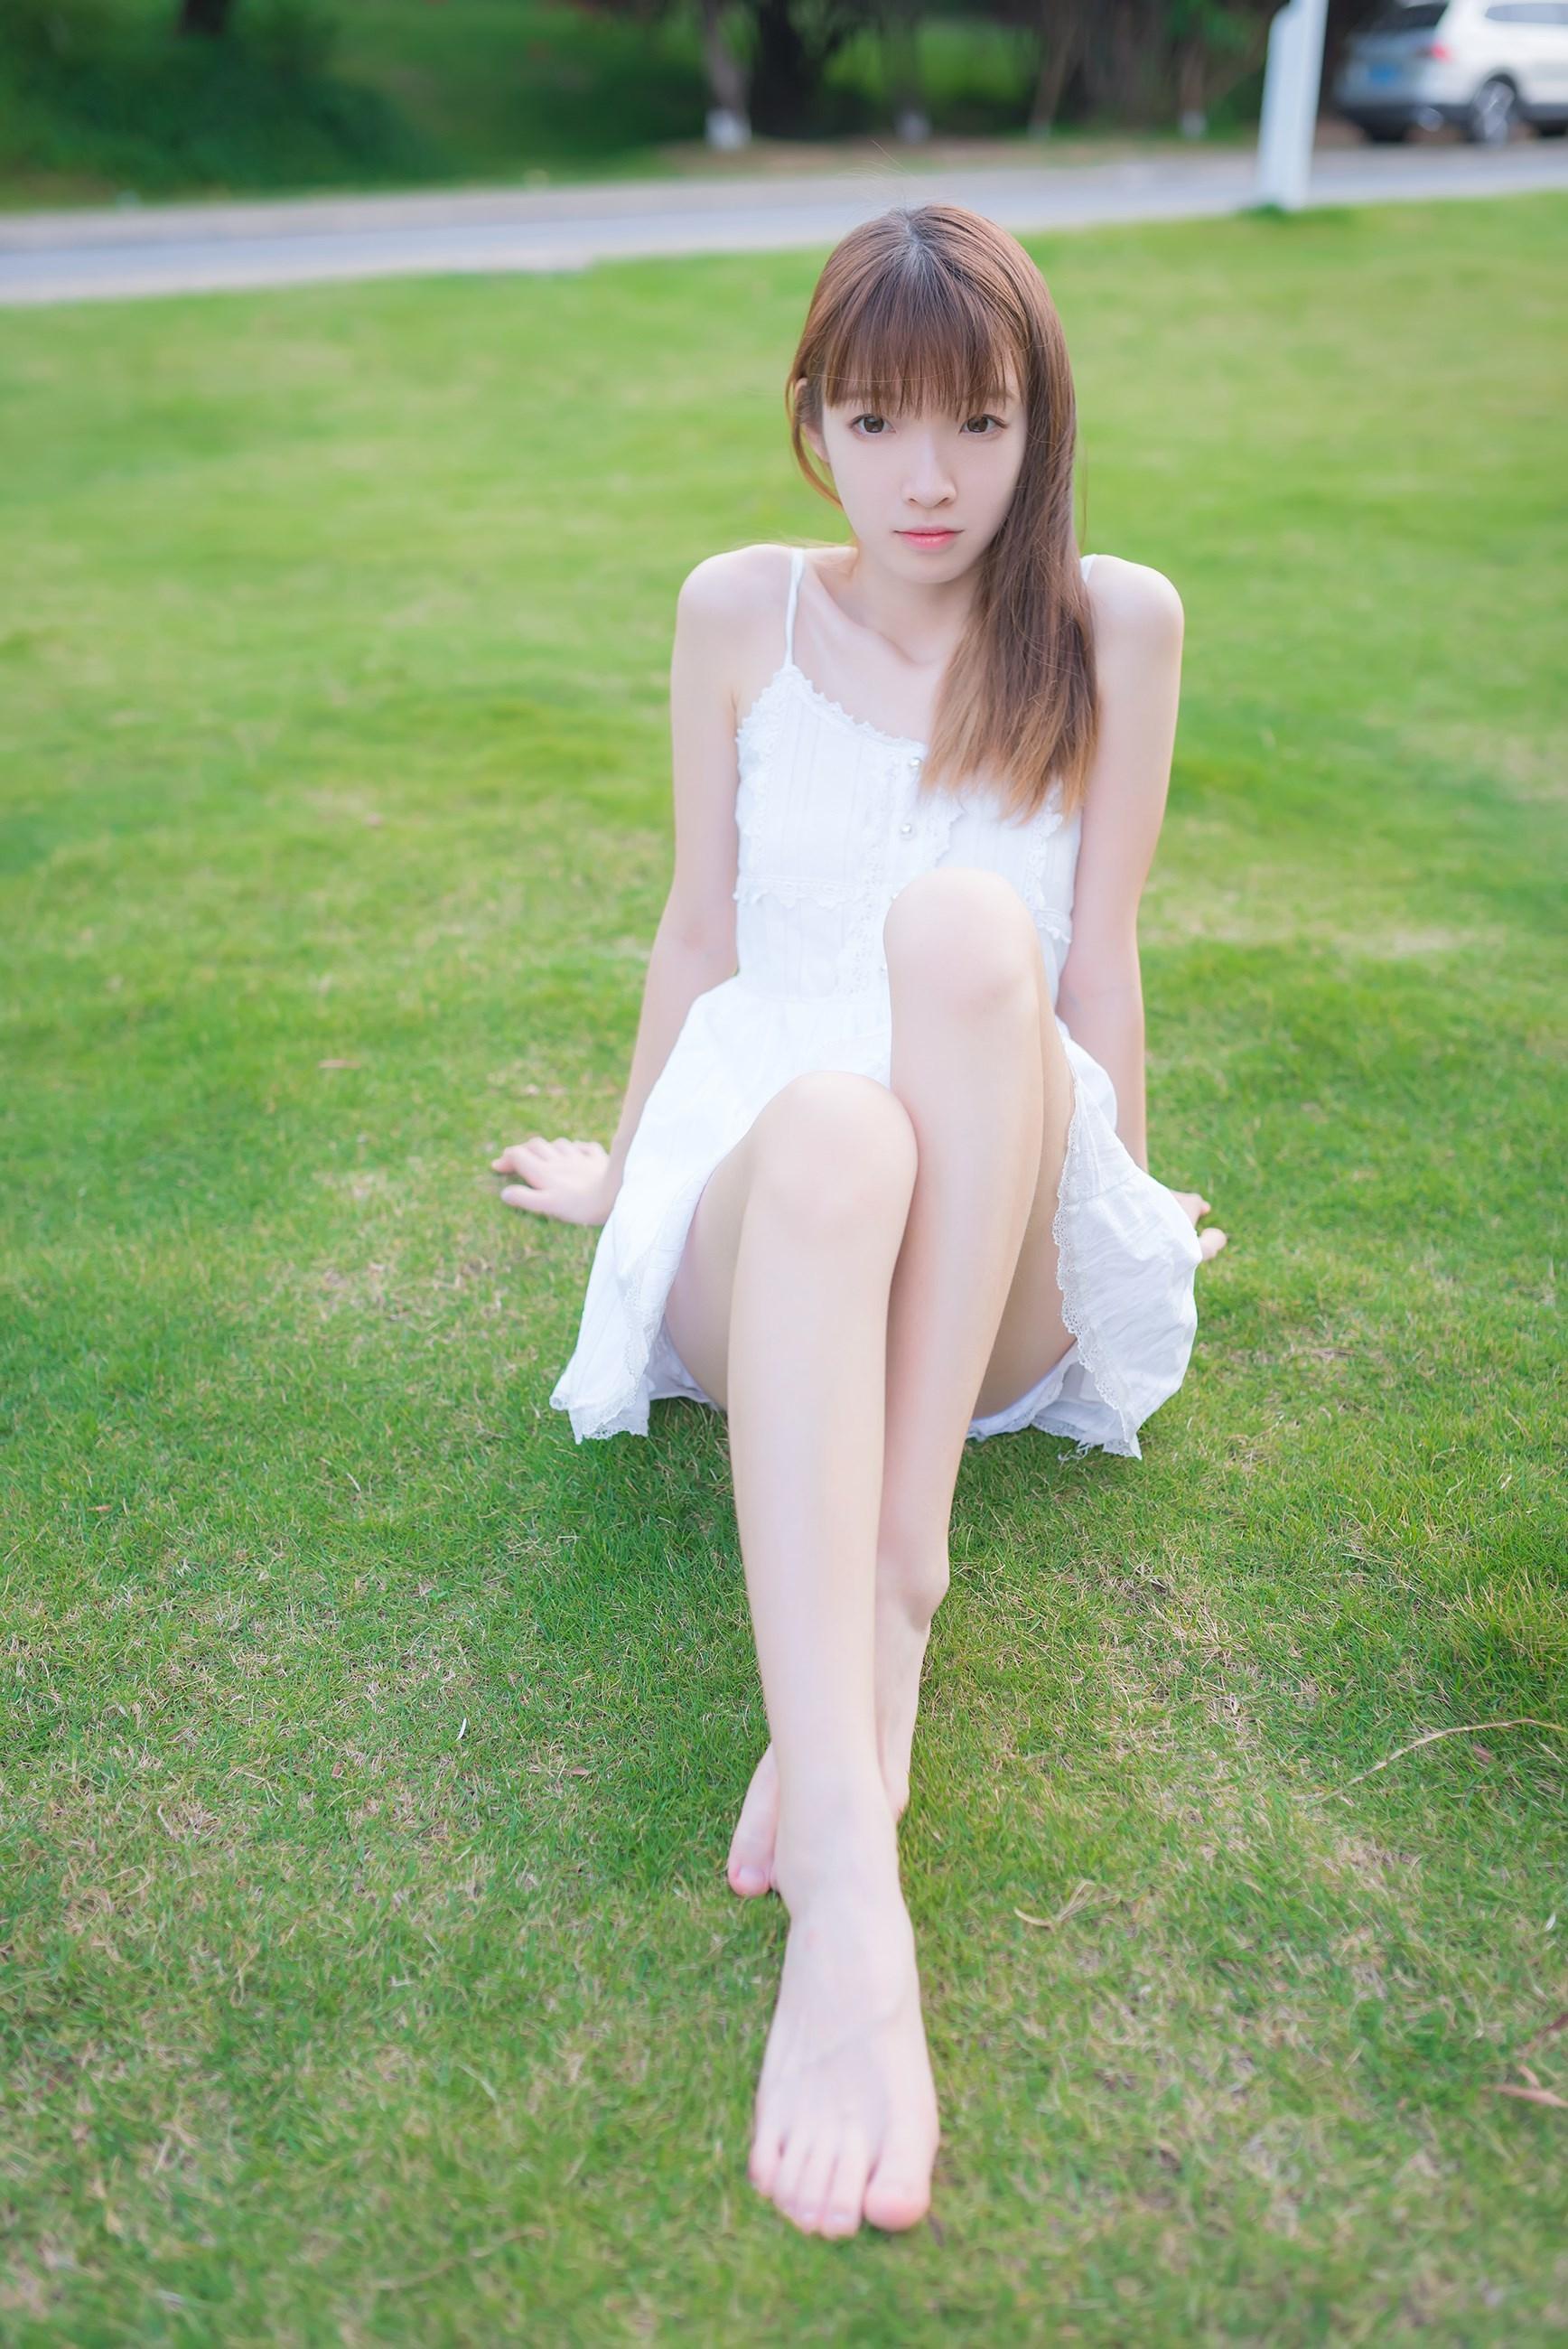 【兔玩映画】青春的气息 兔玩映画 第11张